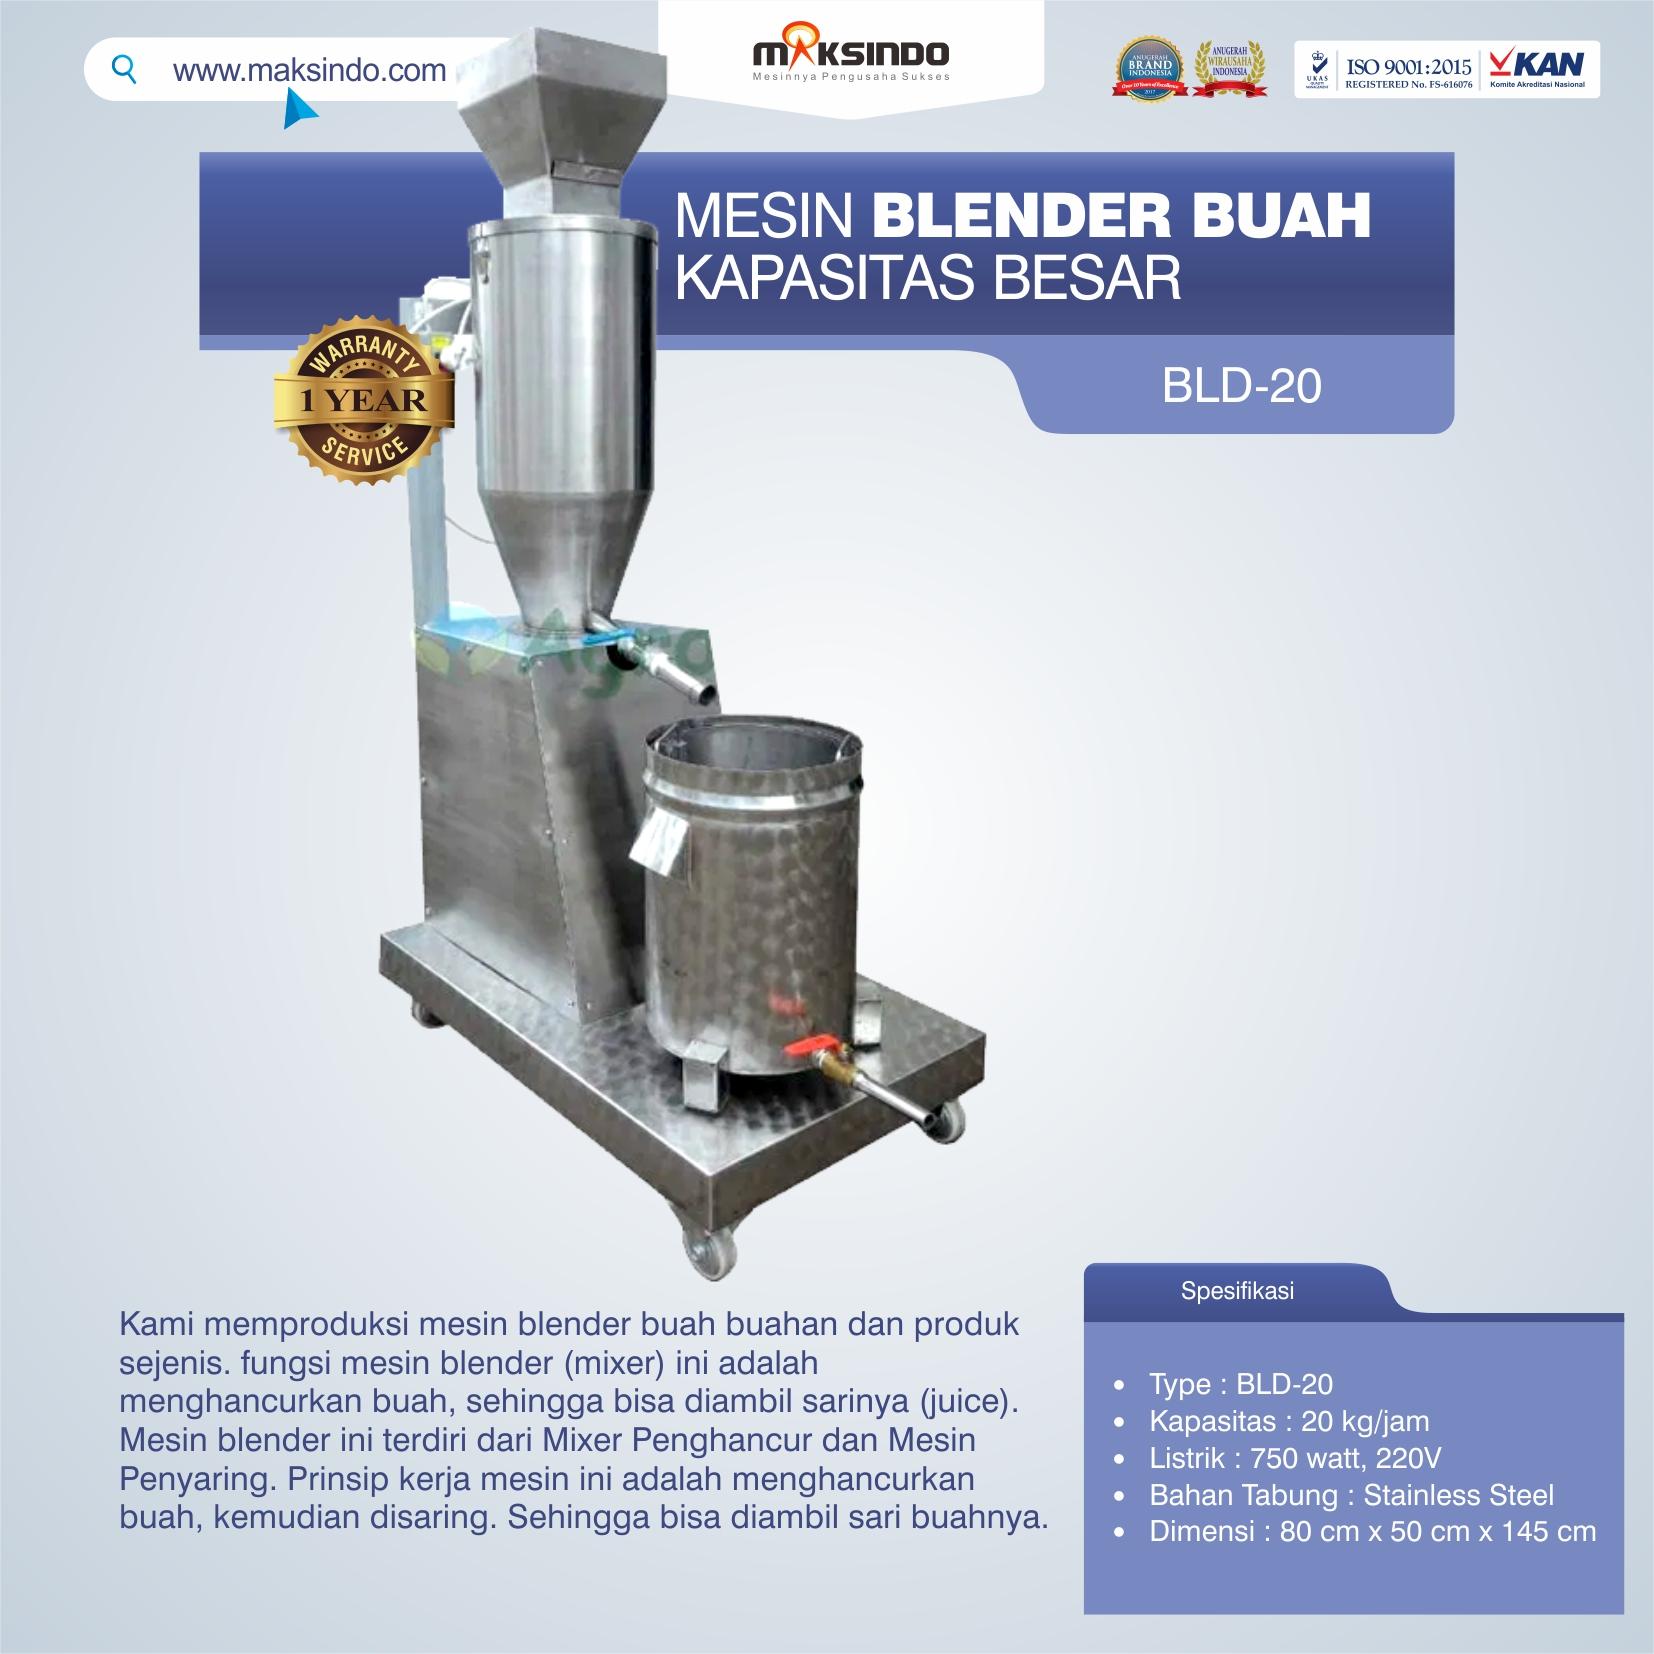 Jual Mesin Blender Buah Kapasitas Besar di Semarang